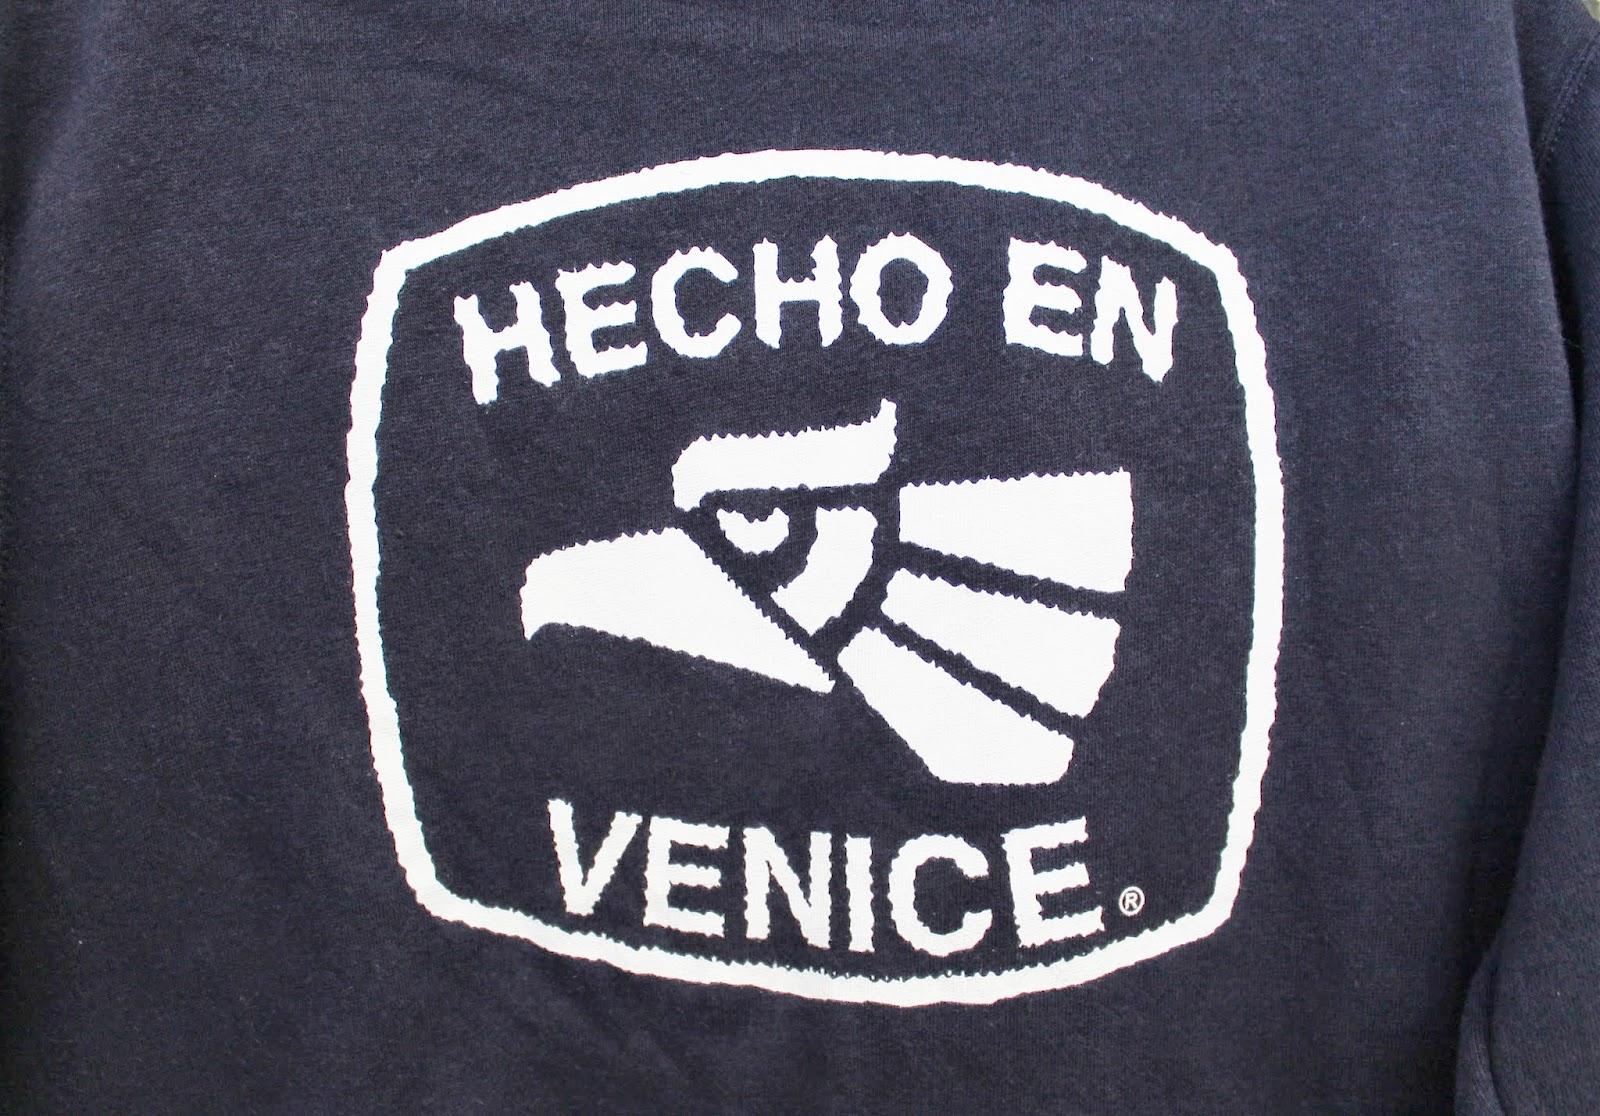 The Princeton Lofts: Hecho en Venice